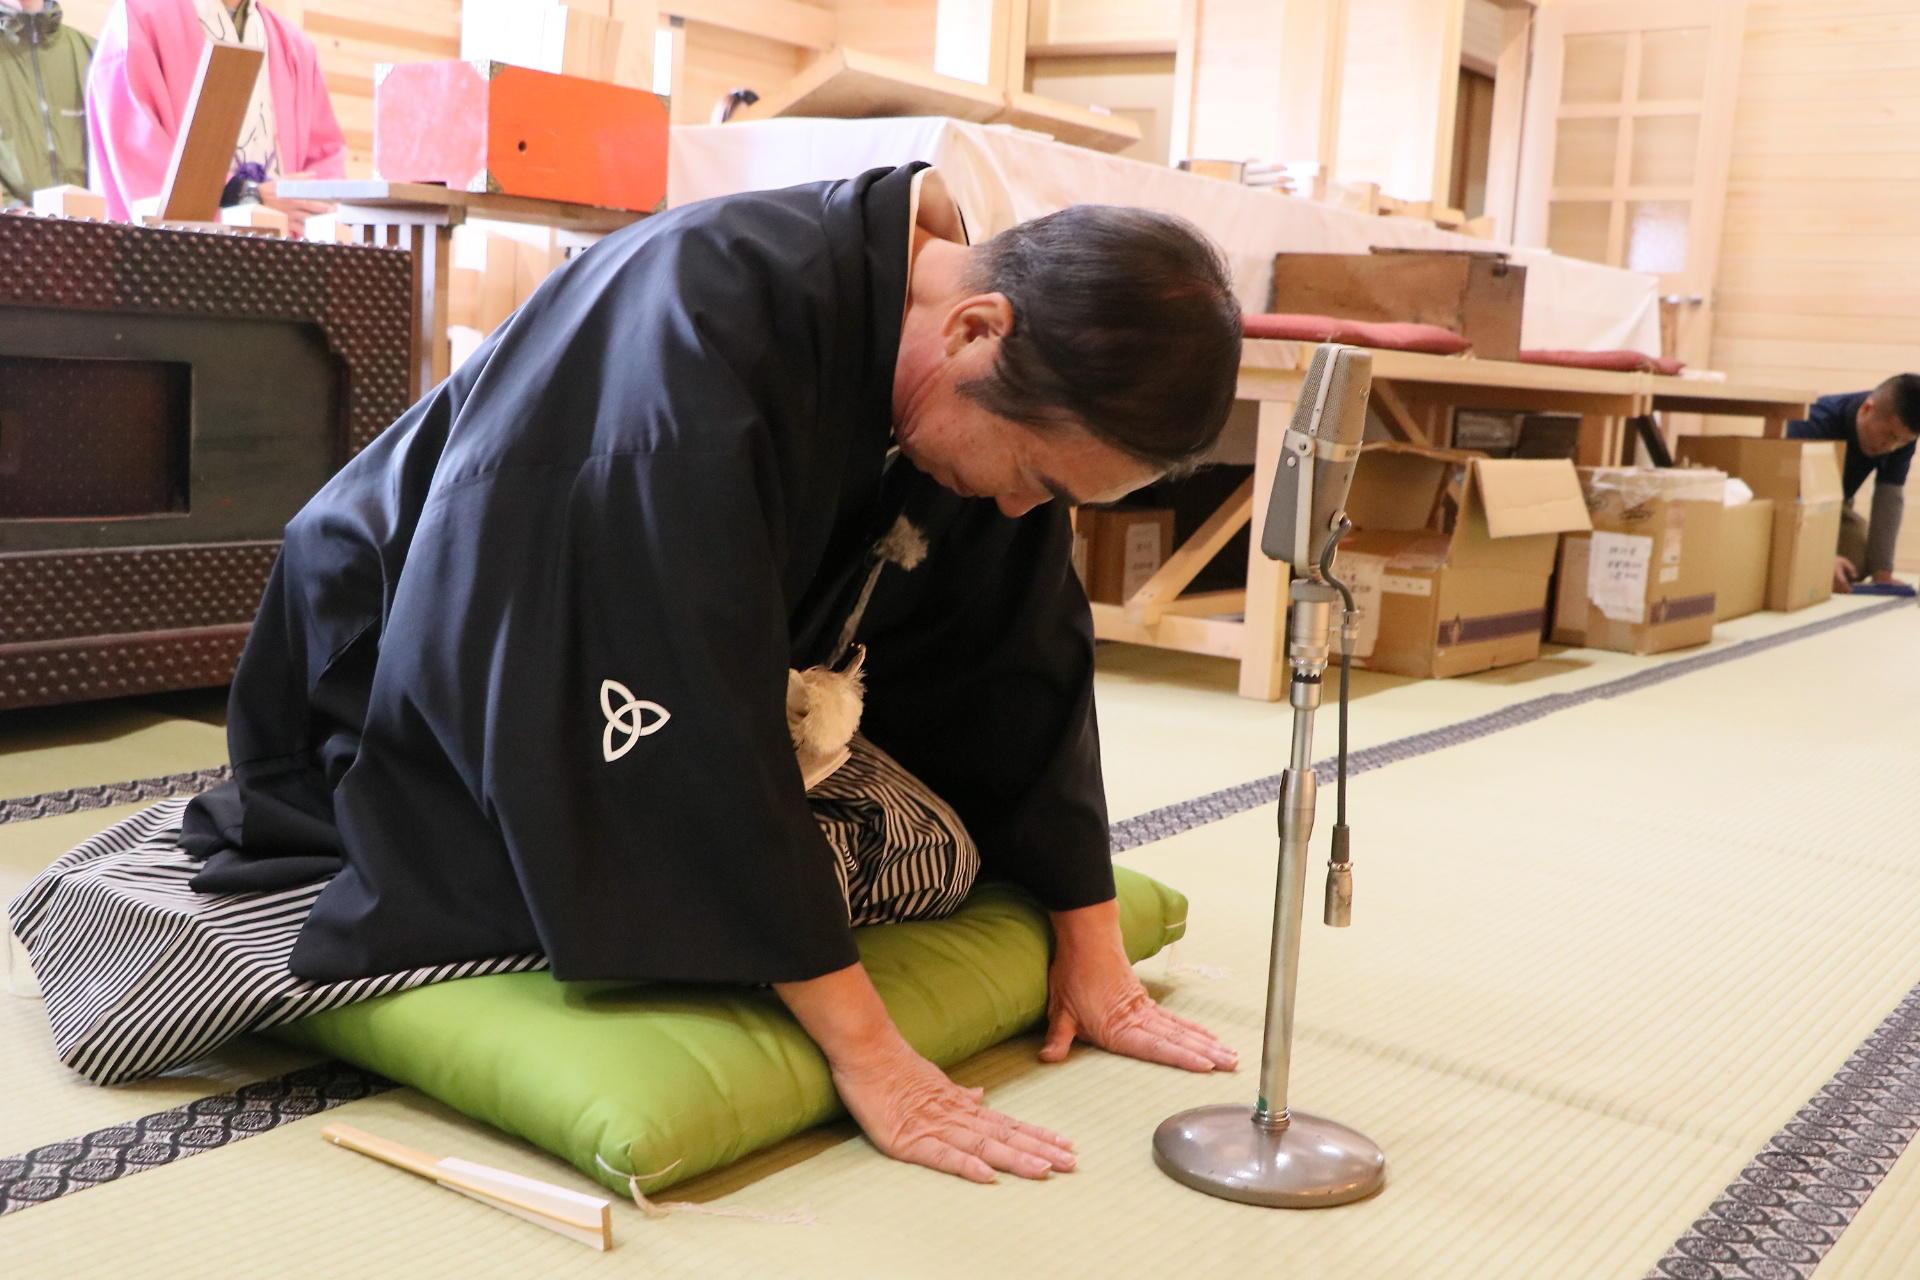 http://news.yoshimoto.co.jp/20170714101710-ba3b6af1e0dcdc198216e81bd3ee1a3bbaf02488.jpg